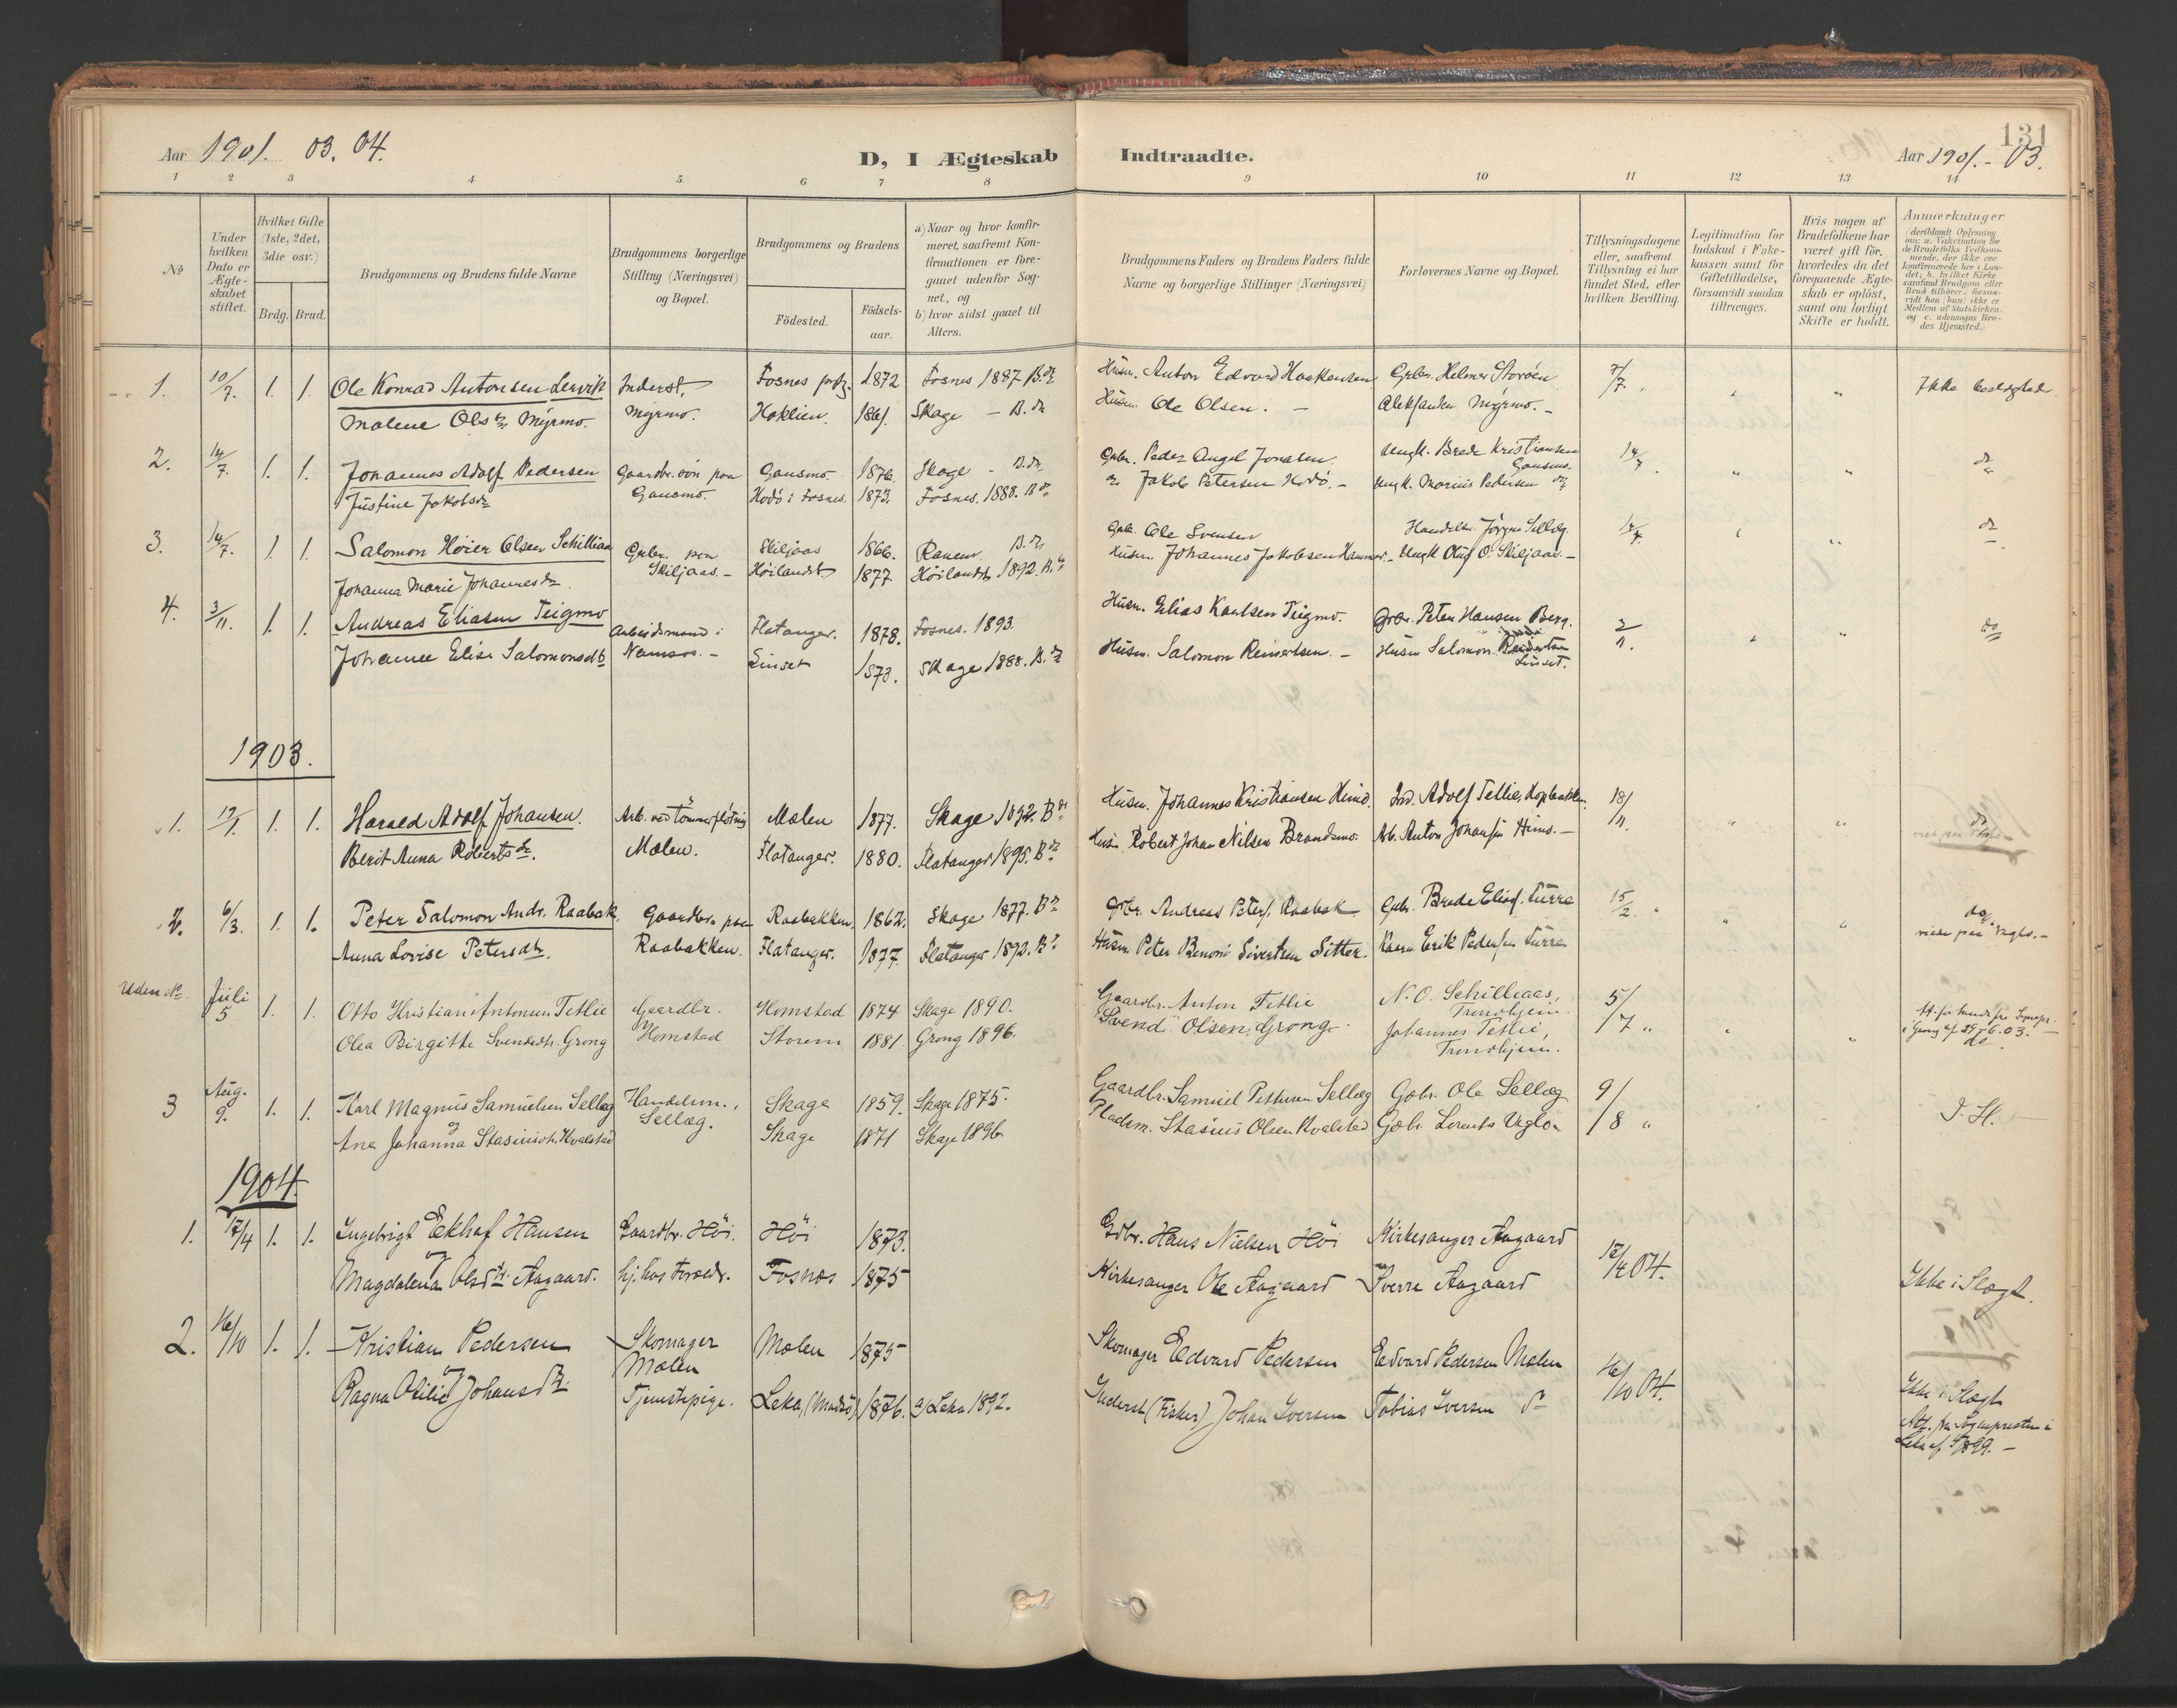 SAT, Ministerialprotokoller, klokkerbøker og fødselsregistre - Nord-Trøndelag, 766/L0564: Ministerialbok nr. 767A02, 1900-1932, s. 131